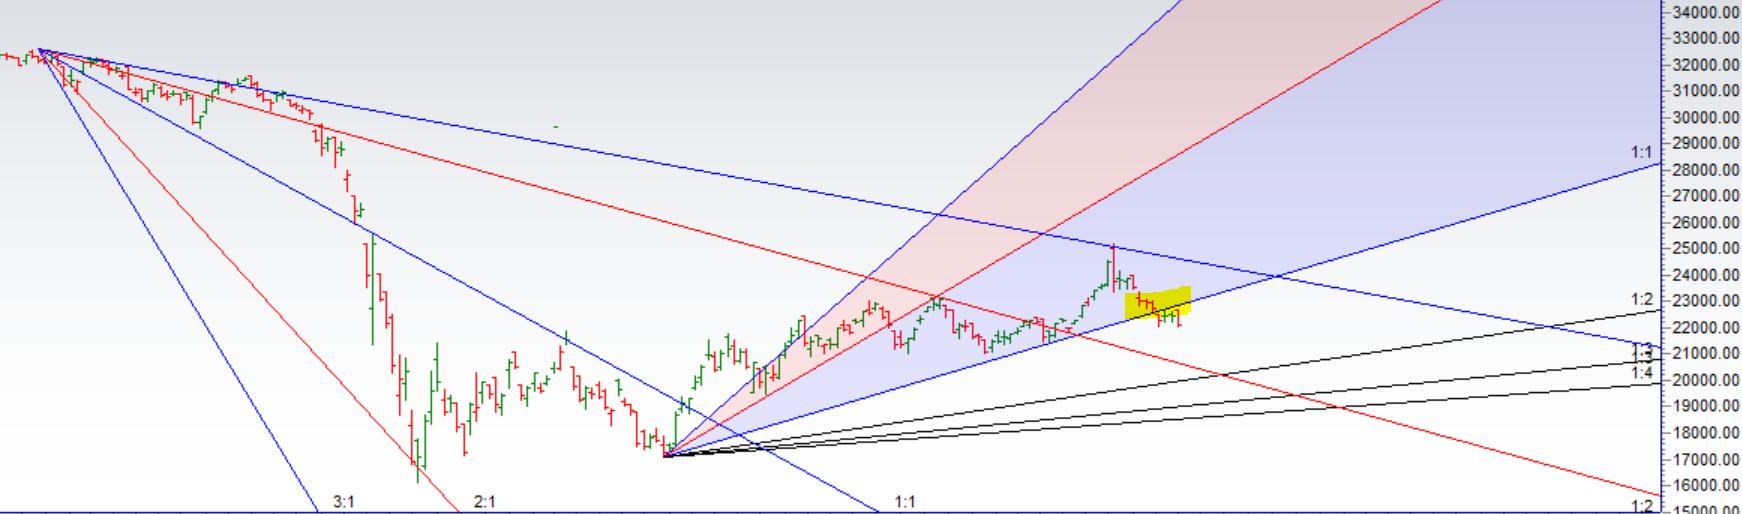 Bank Nifty Analysis for 15 Sep